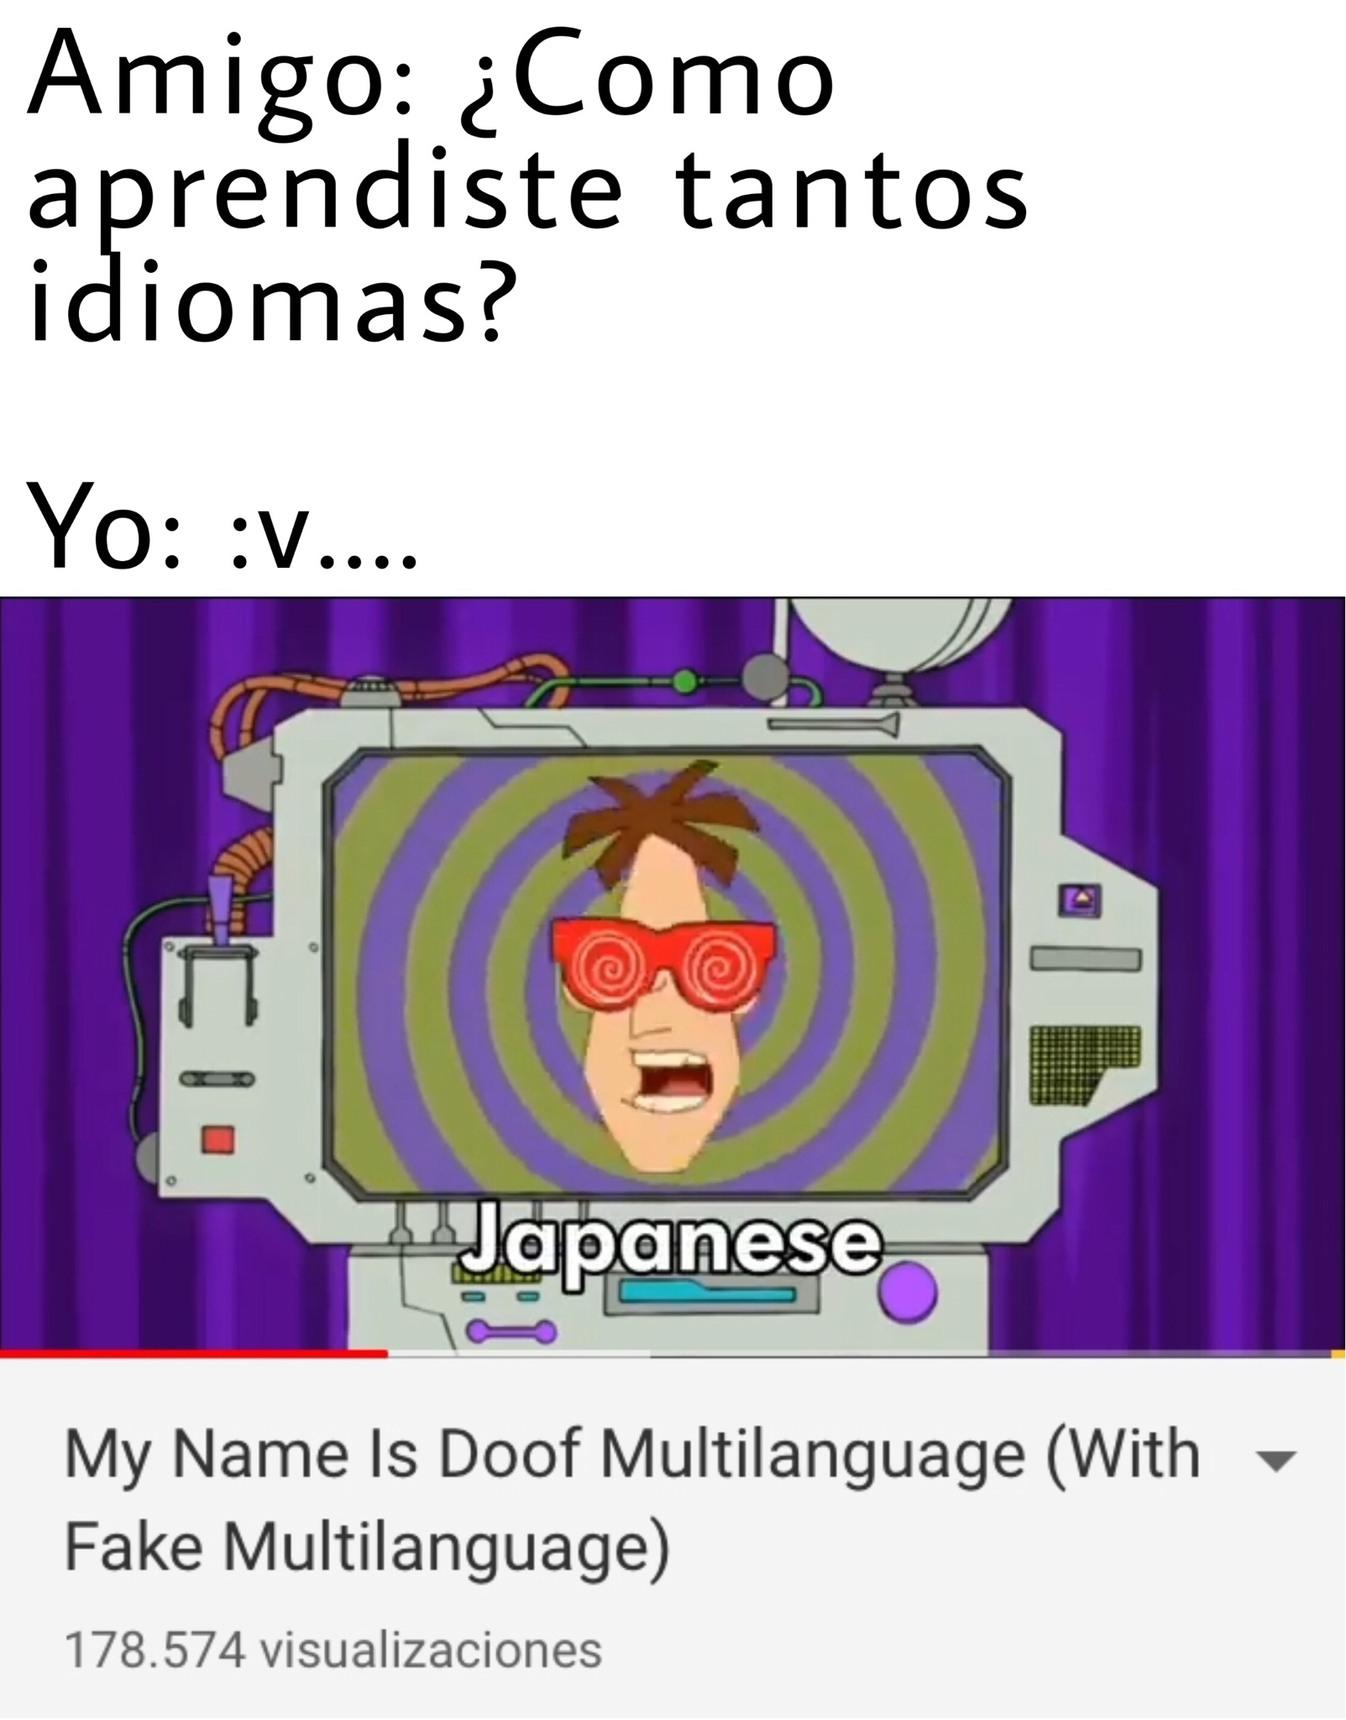 Mi nombre es Doof, haz lo que digo yo UH UH - meme